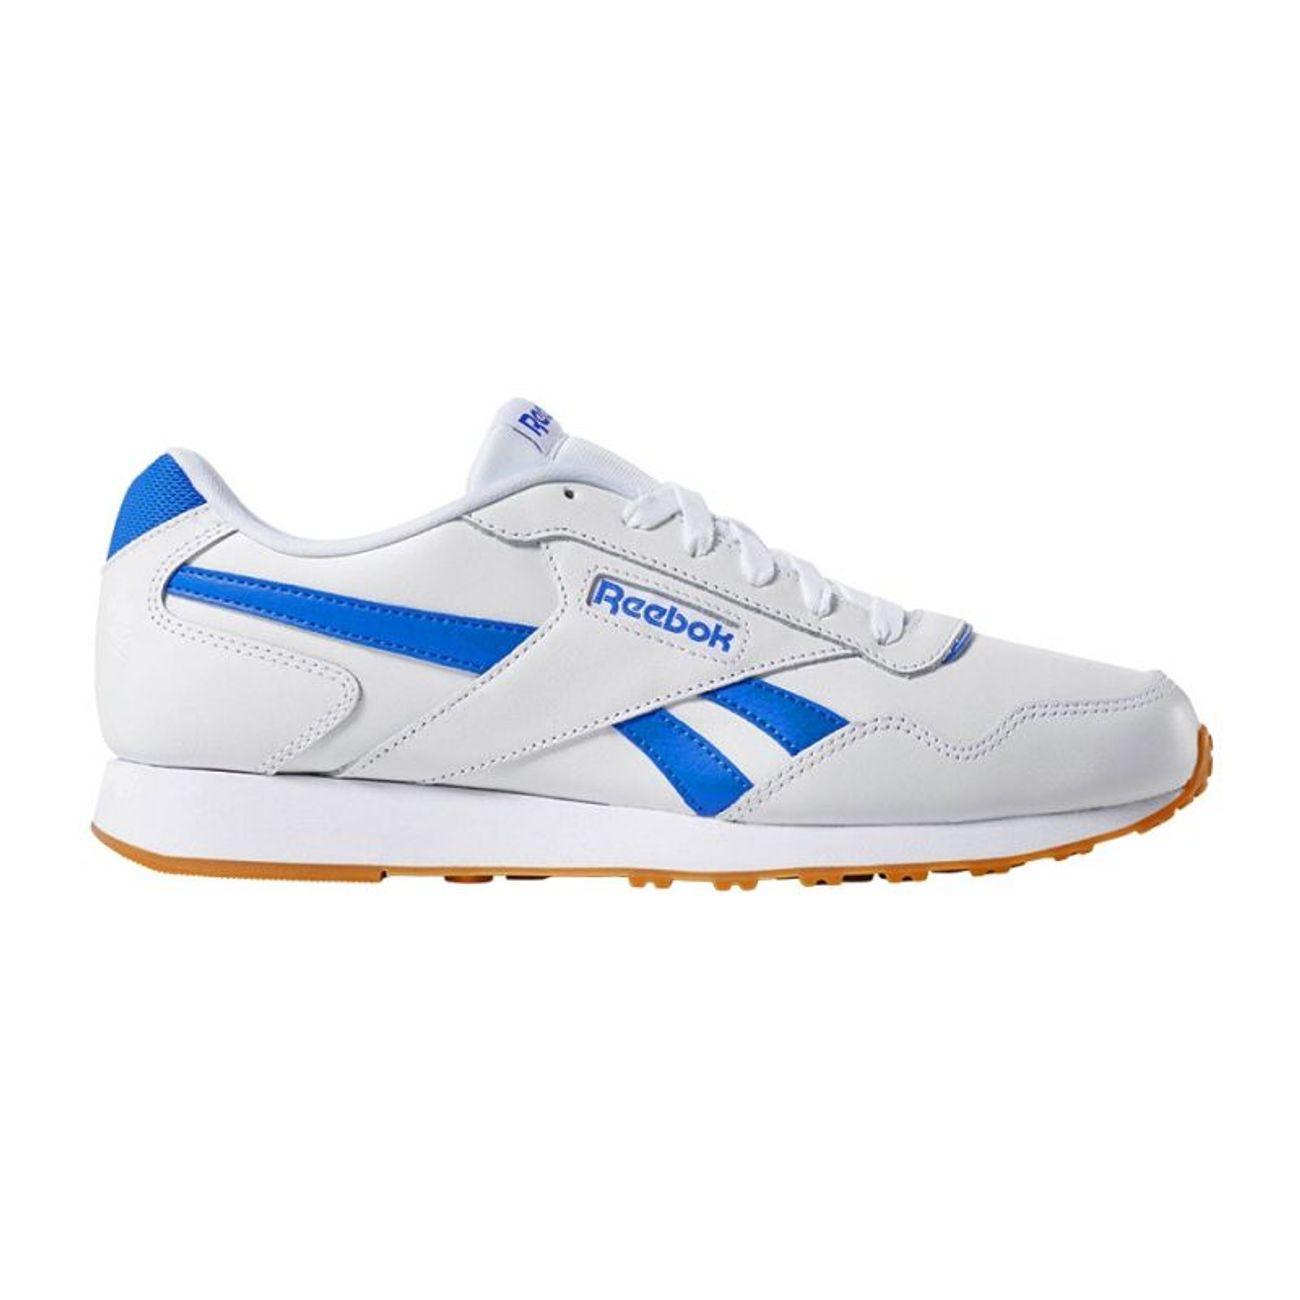 Reebok Glide Blanco Royal Padel Lx Azul Cn7313 Adulte 0XN8nOZwPk